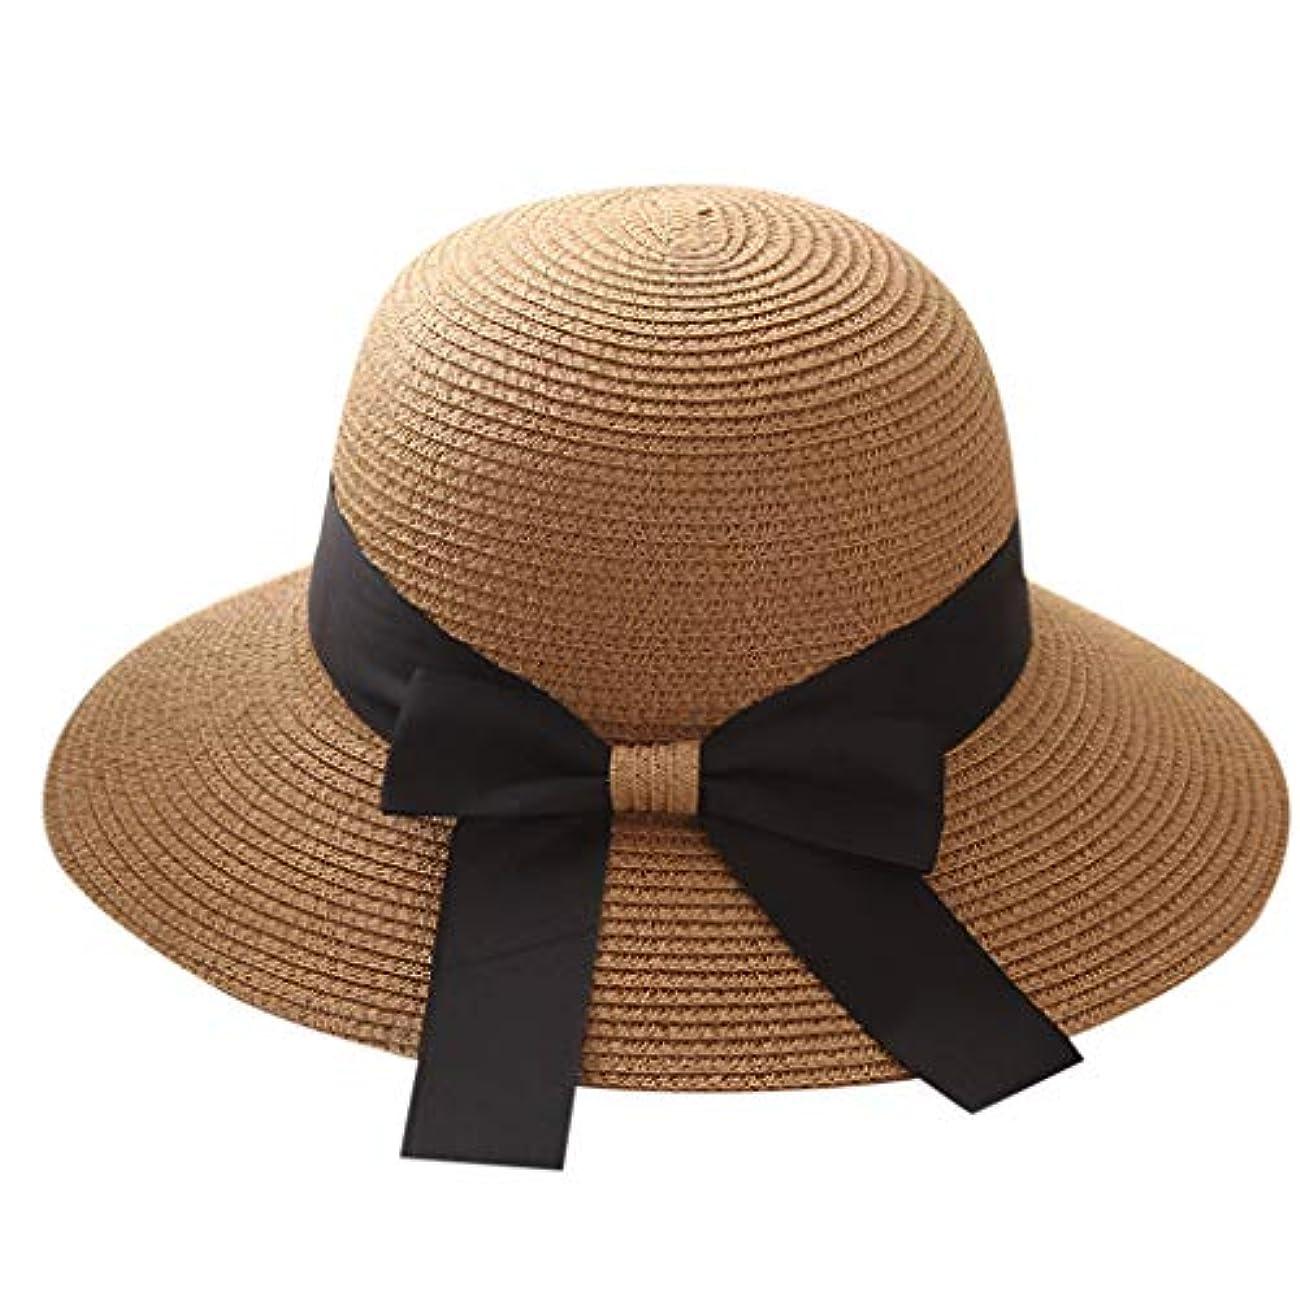 彫刻フェザー作ります帽子 レディース UVカット 漁師帽 99%uvカット 日よけ 日焼け防止 熱中症予防 折りたたみ つば広 紫外線対策 麦わら帽子 uv帽 小顔効果 おしゃれ 可愛い 女優帽 高級感 軽量 通気 旅行用 大きいサイズ ROSE...